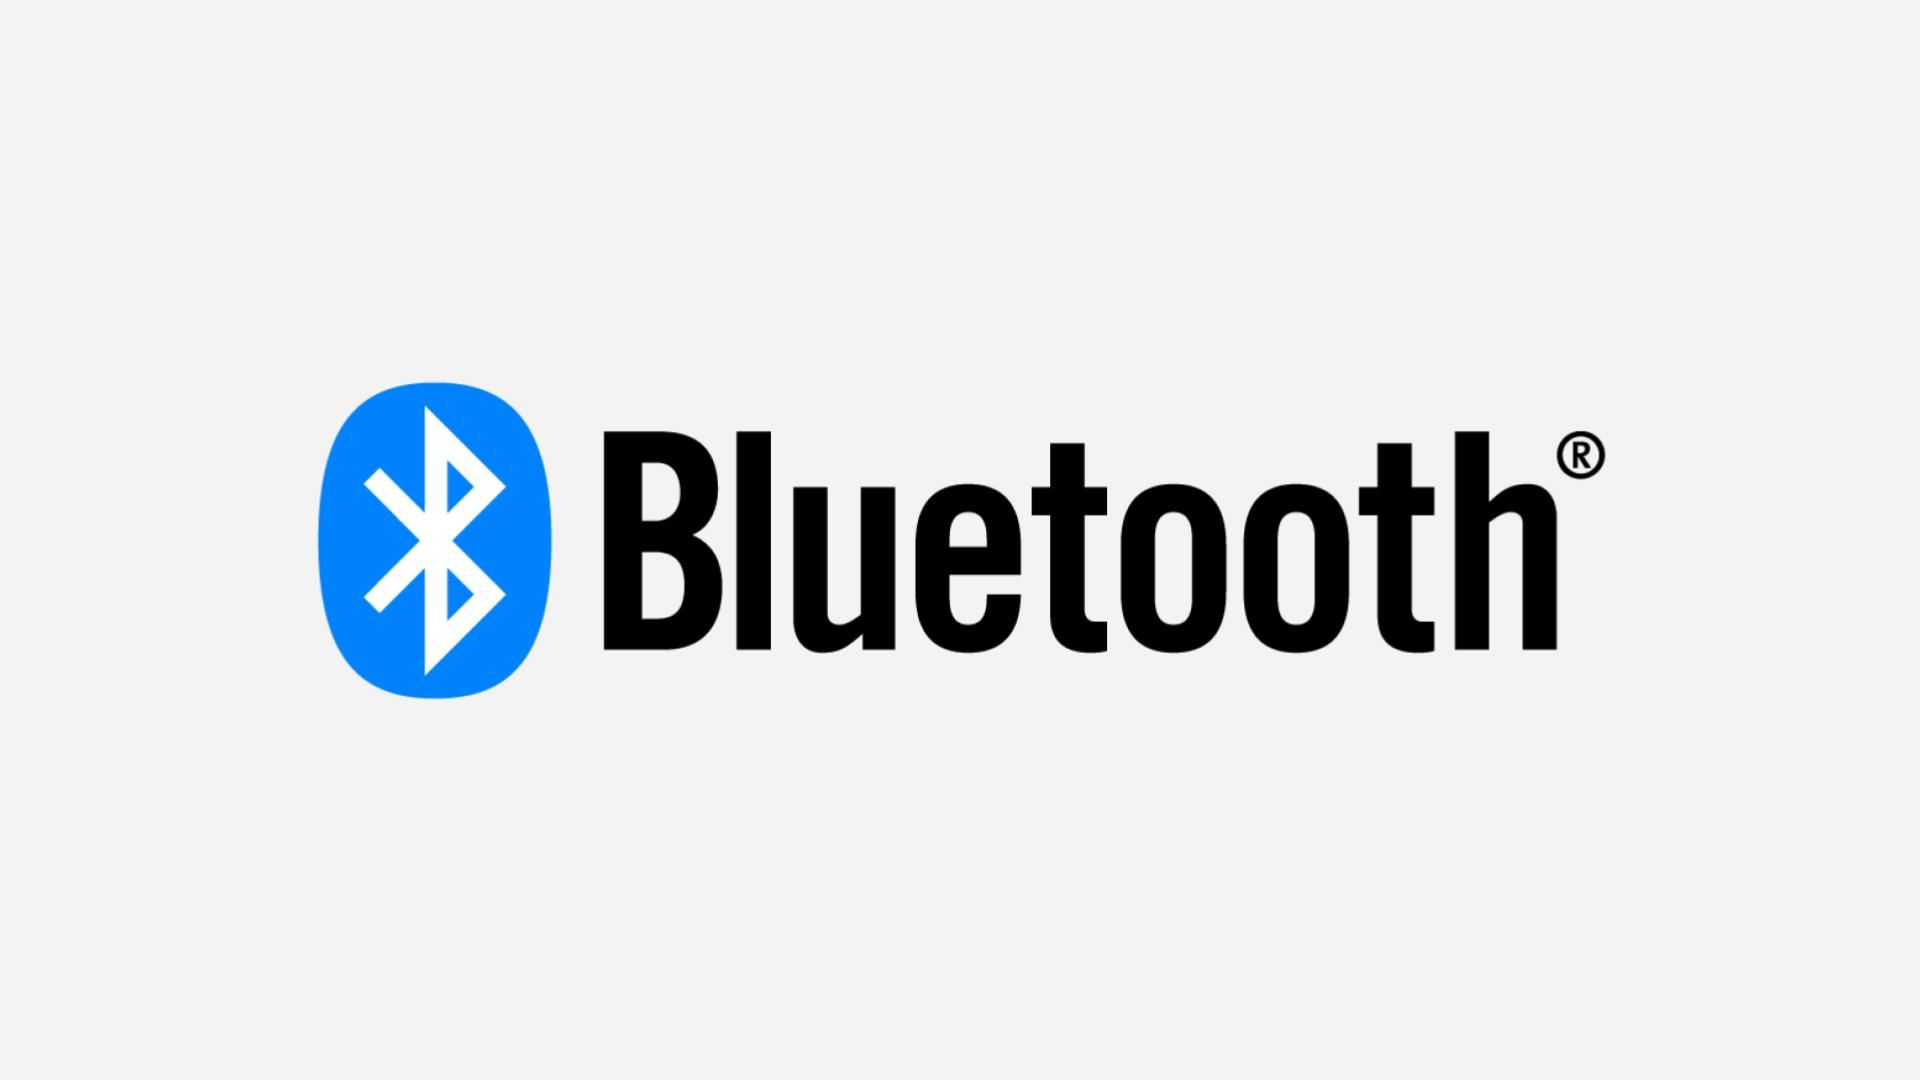 Voici «BLURtooth», la nouvelle attaque qui permet de contourner les protections du Bluetooth